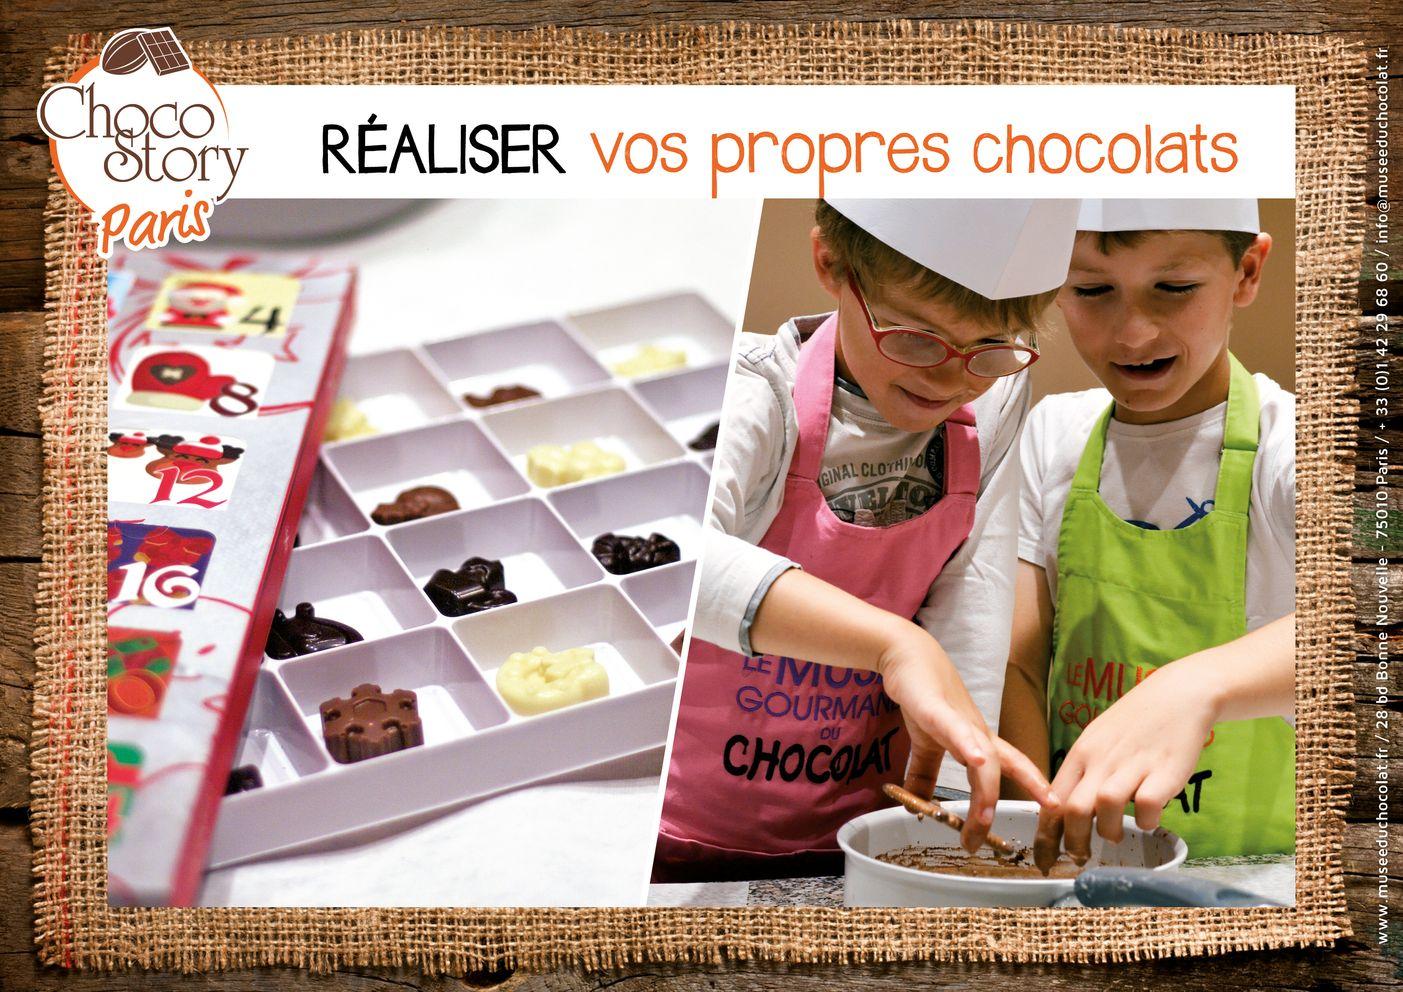 Choco-Story Paris - Visuel Com Média 4